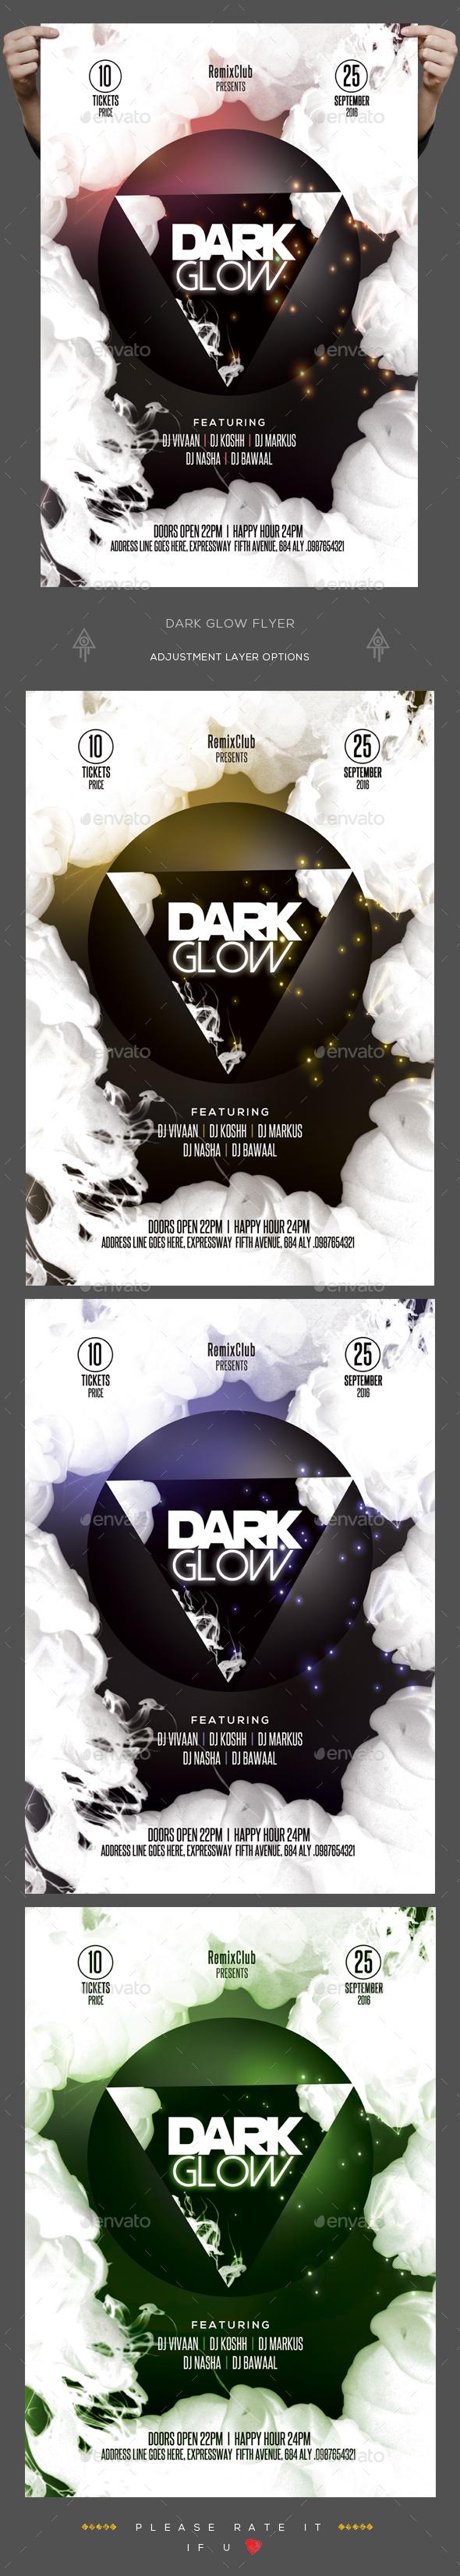 Dark Glow Flyer - Clubs & Parties Events